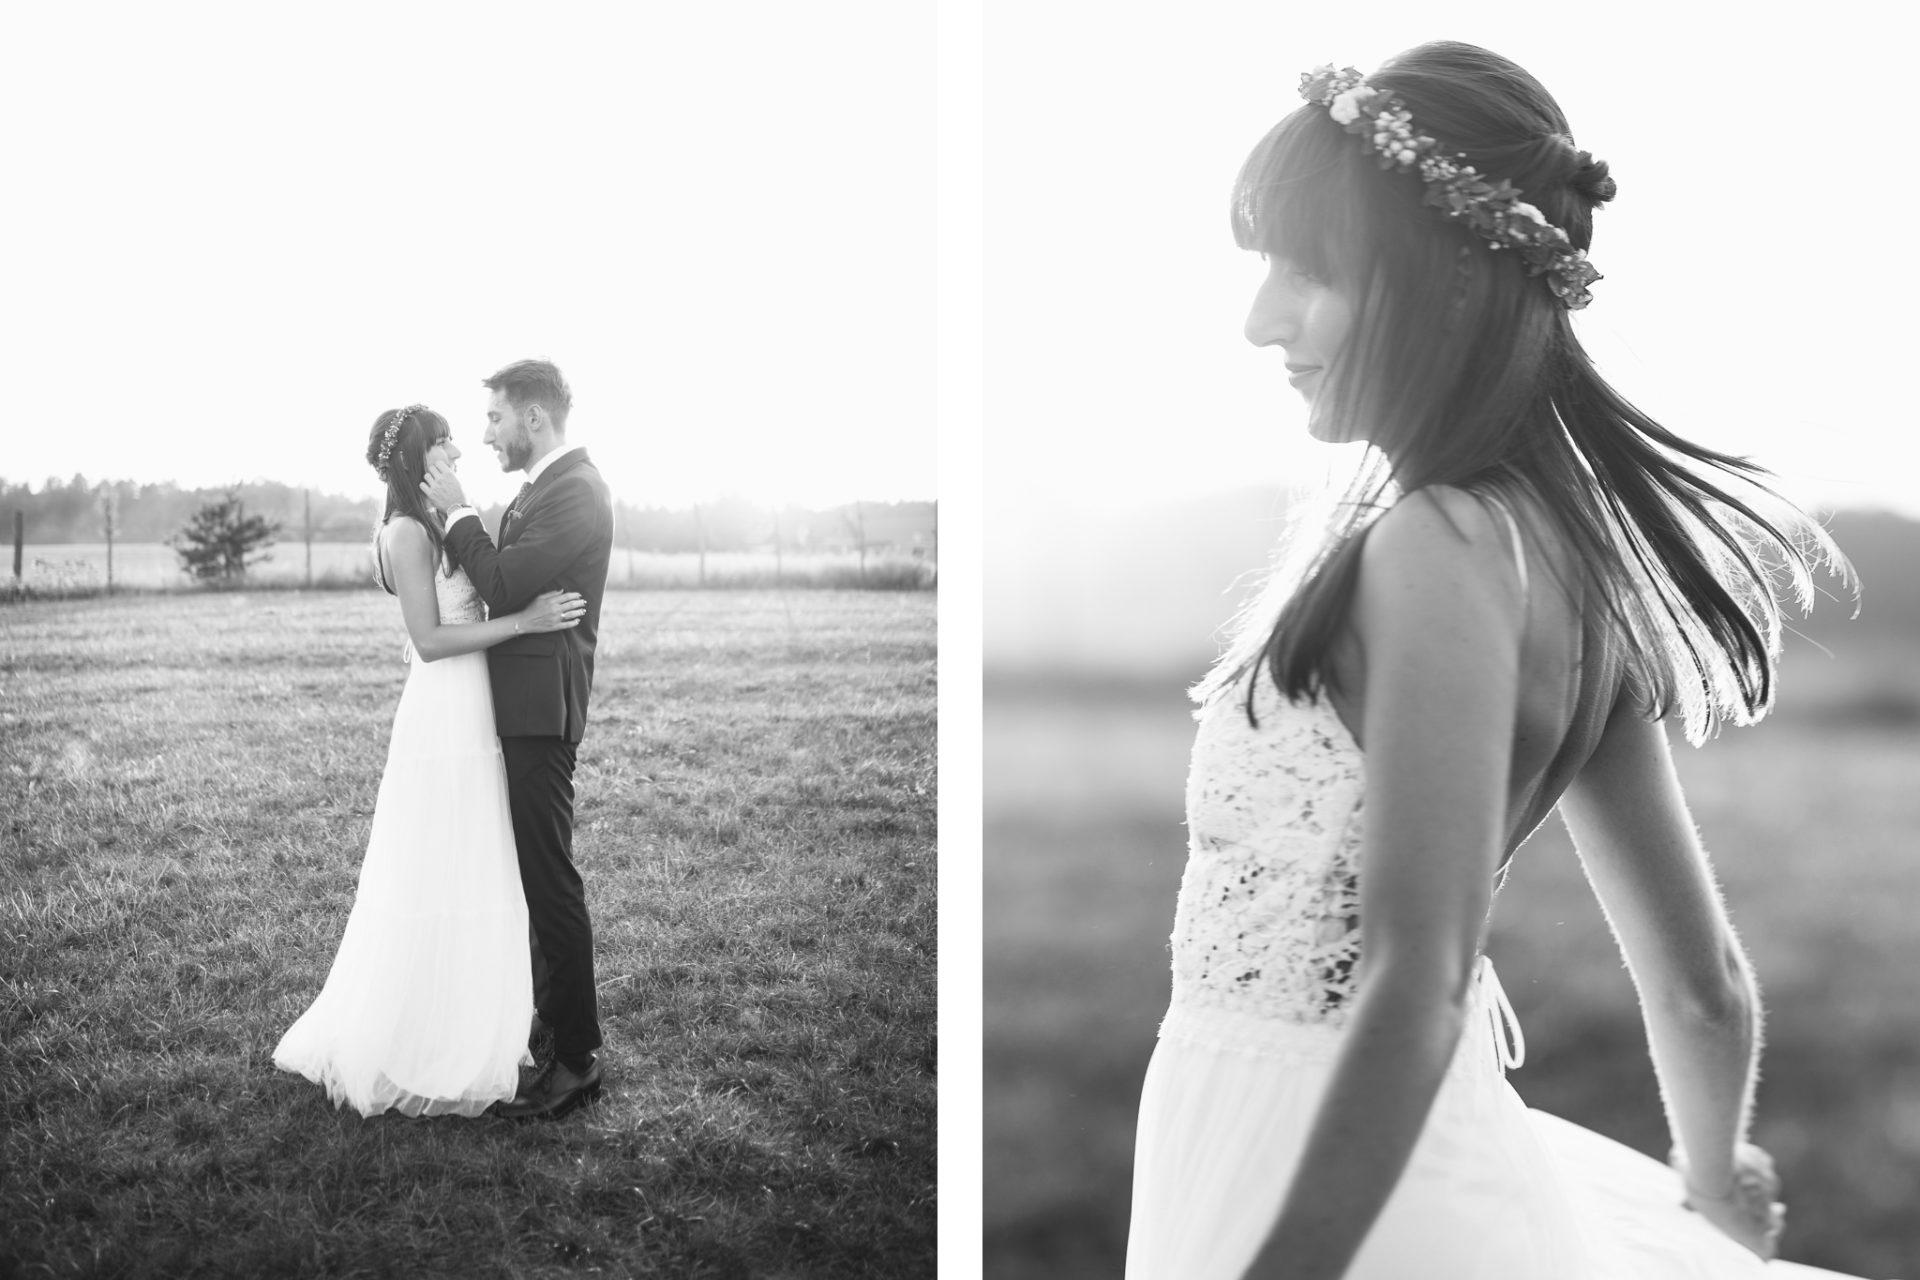 naturalny-reportaż-ślubny-ranczo-w-dolinie-ochocka-atelier-suknie-ślubne